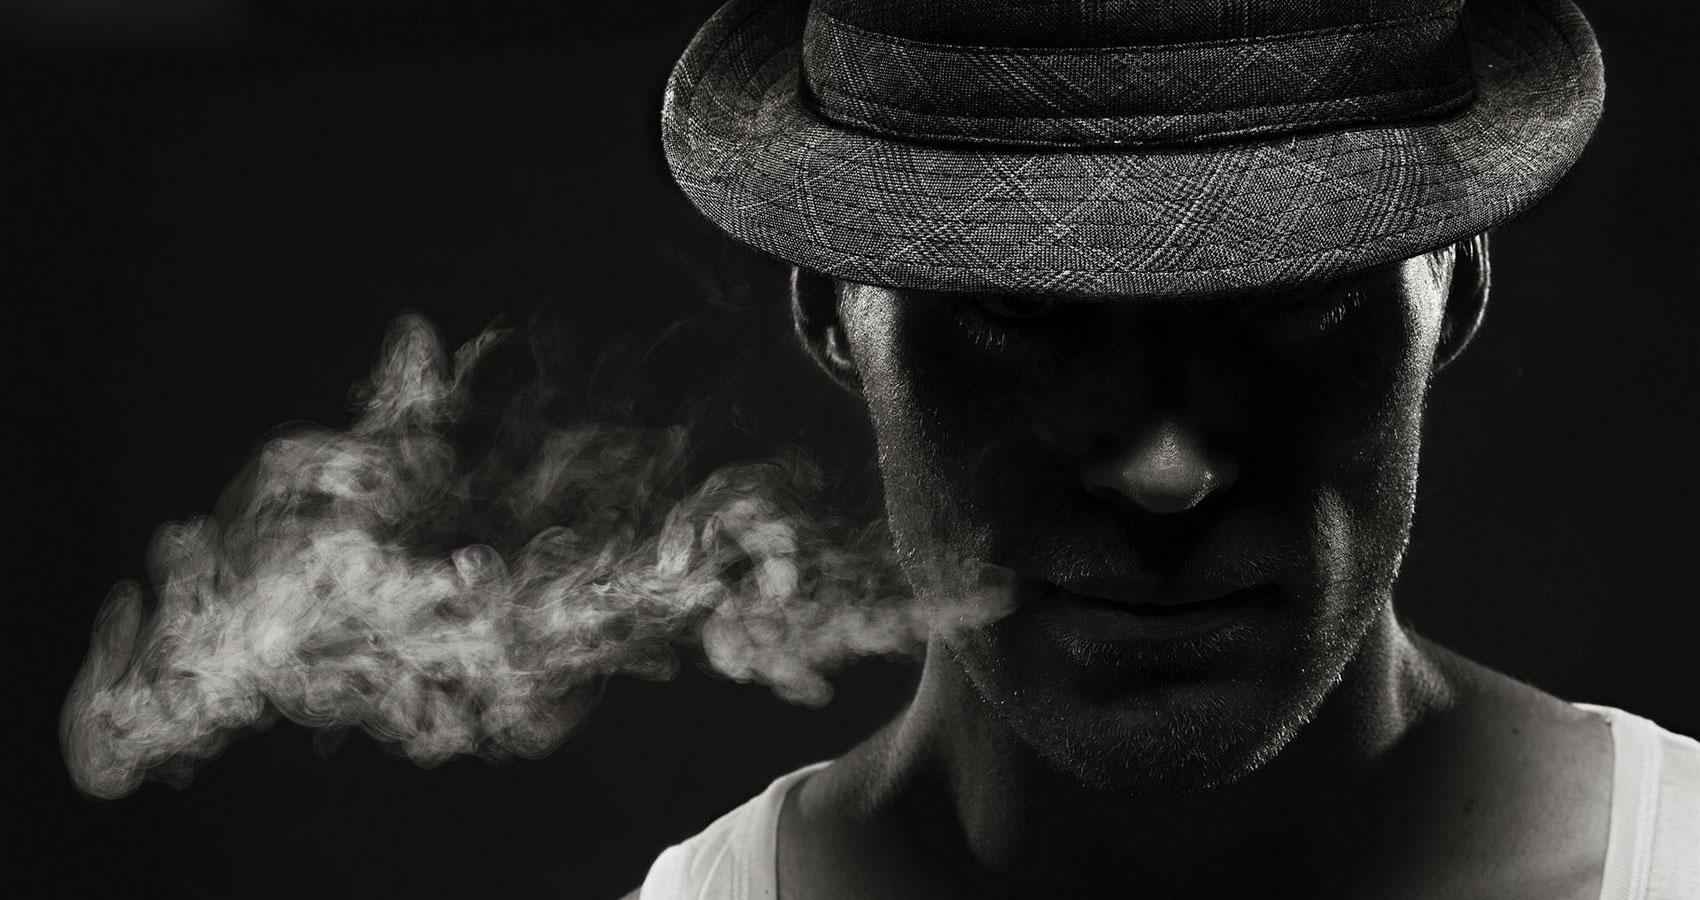 Todo está contra el tabaco y yo fumo by Romulaizer Pardo at Spillwords.com